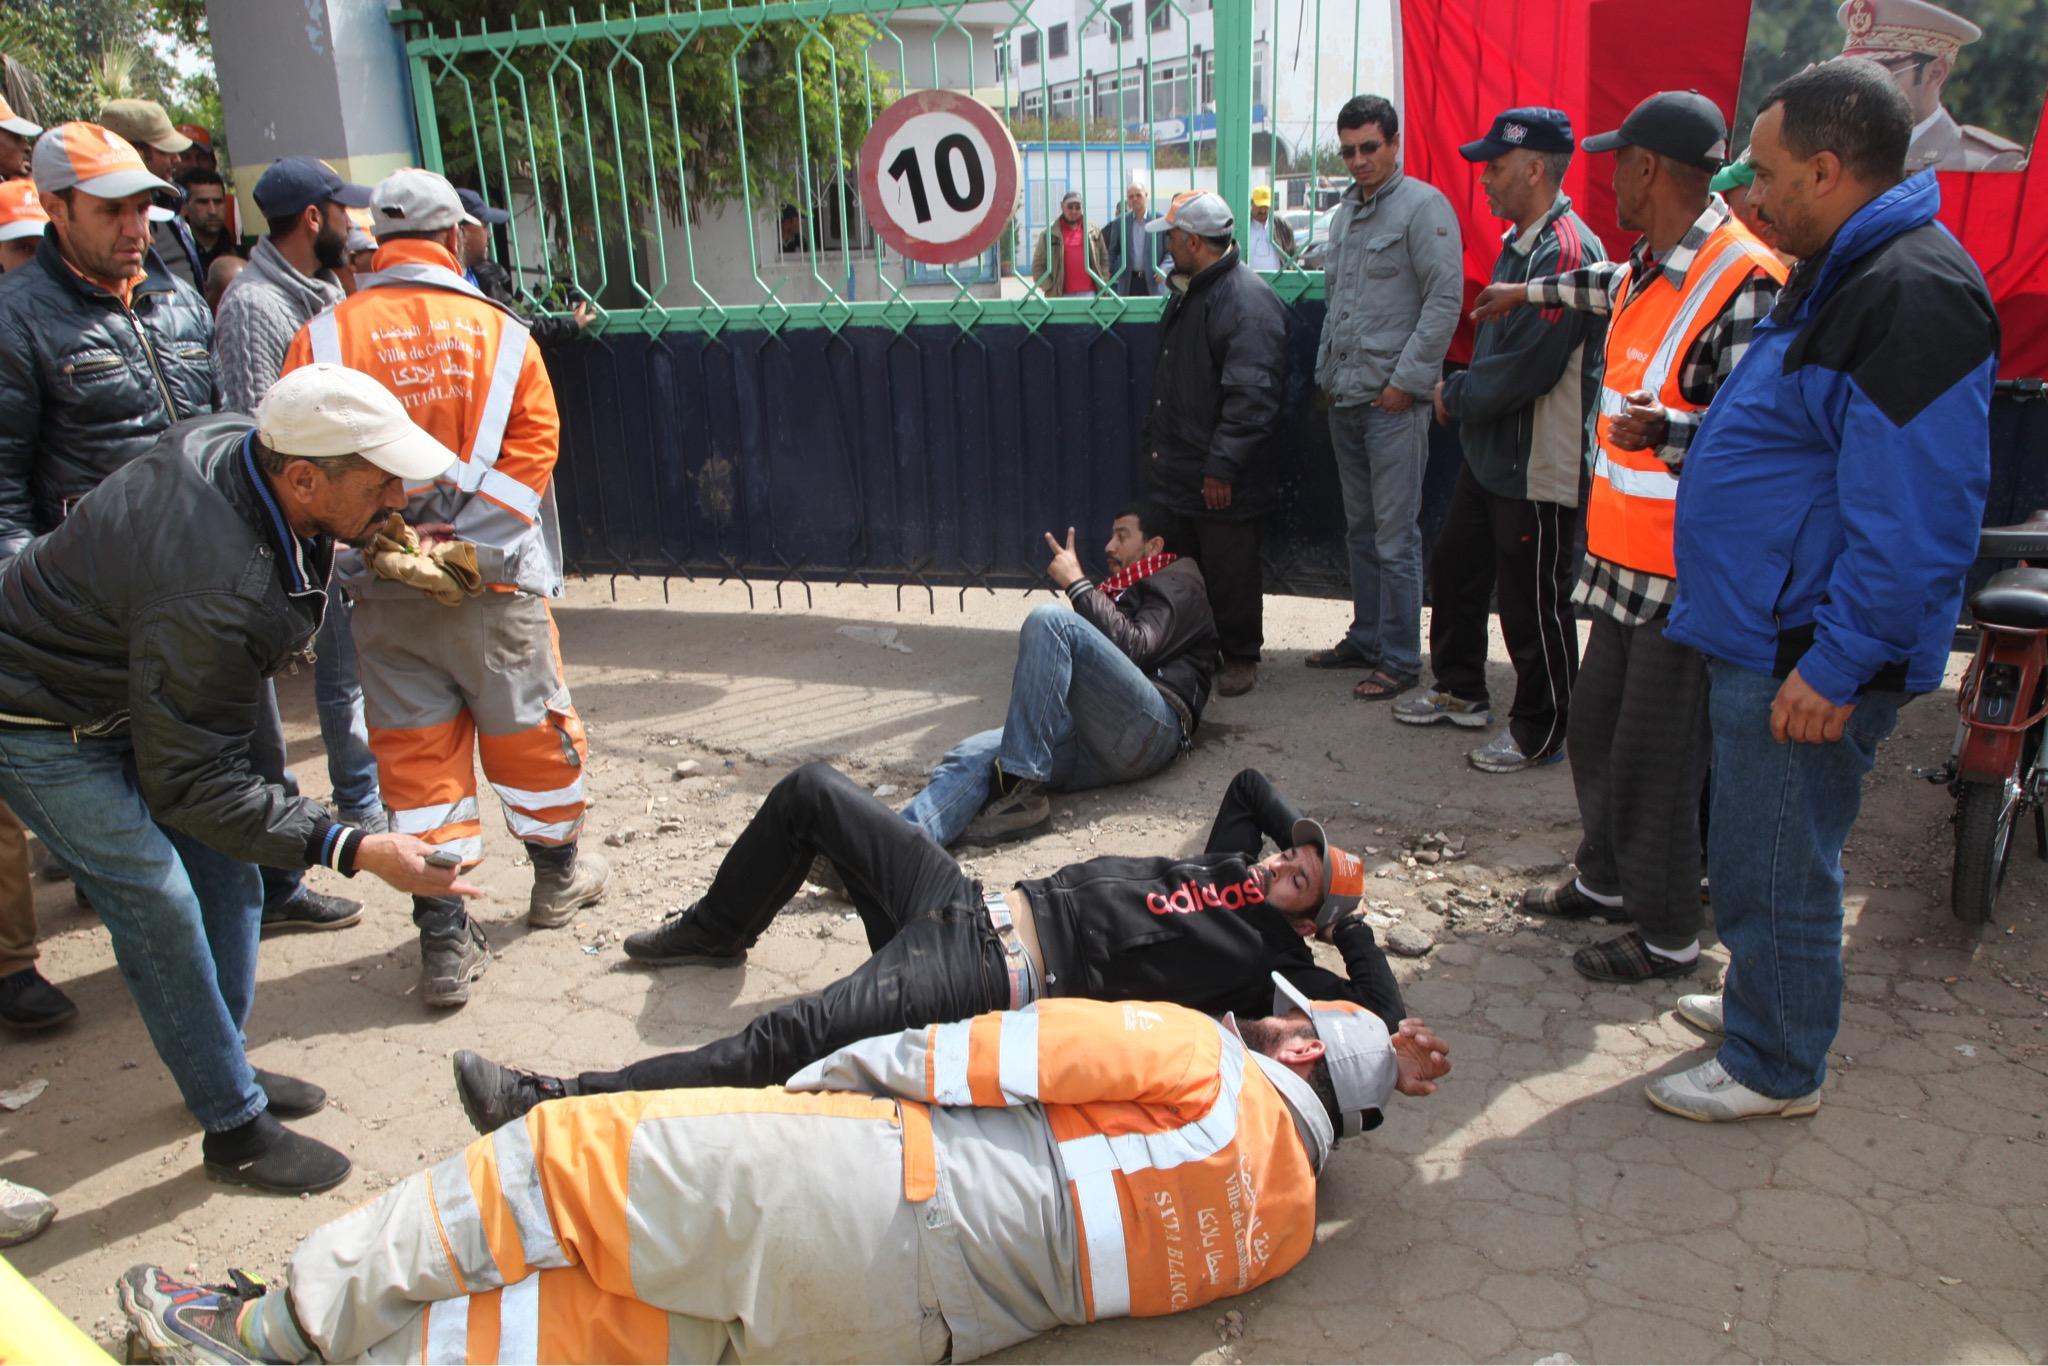 صورة مهنيو النظافة يهددون بإغراق البيضاء في الأزبال ويطالبون بتسوية مطالبهم المادية